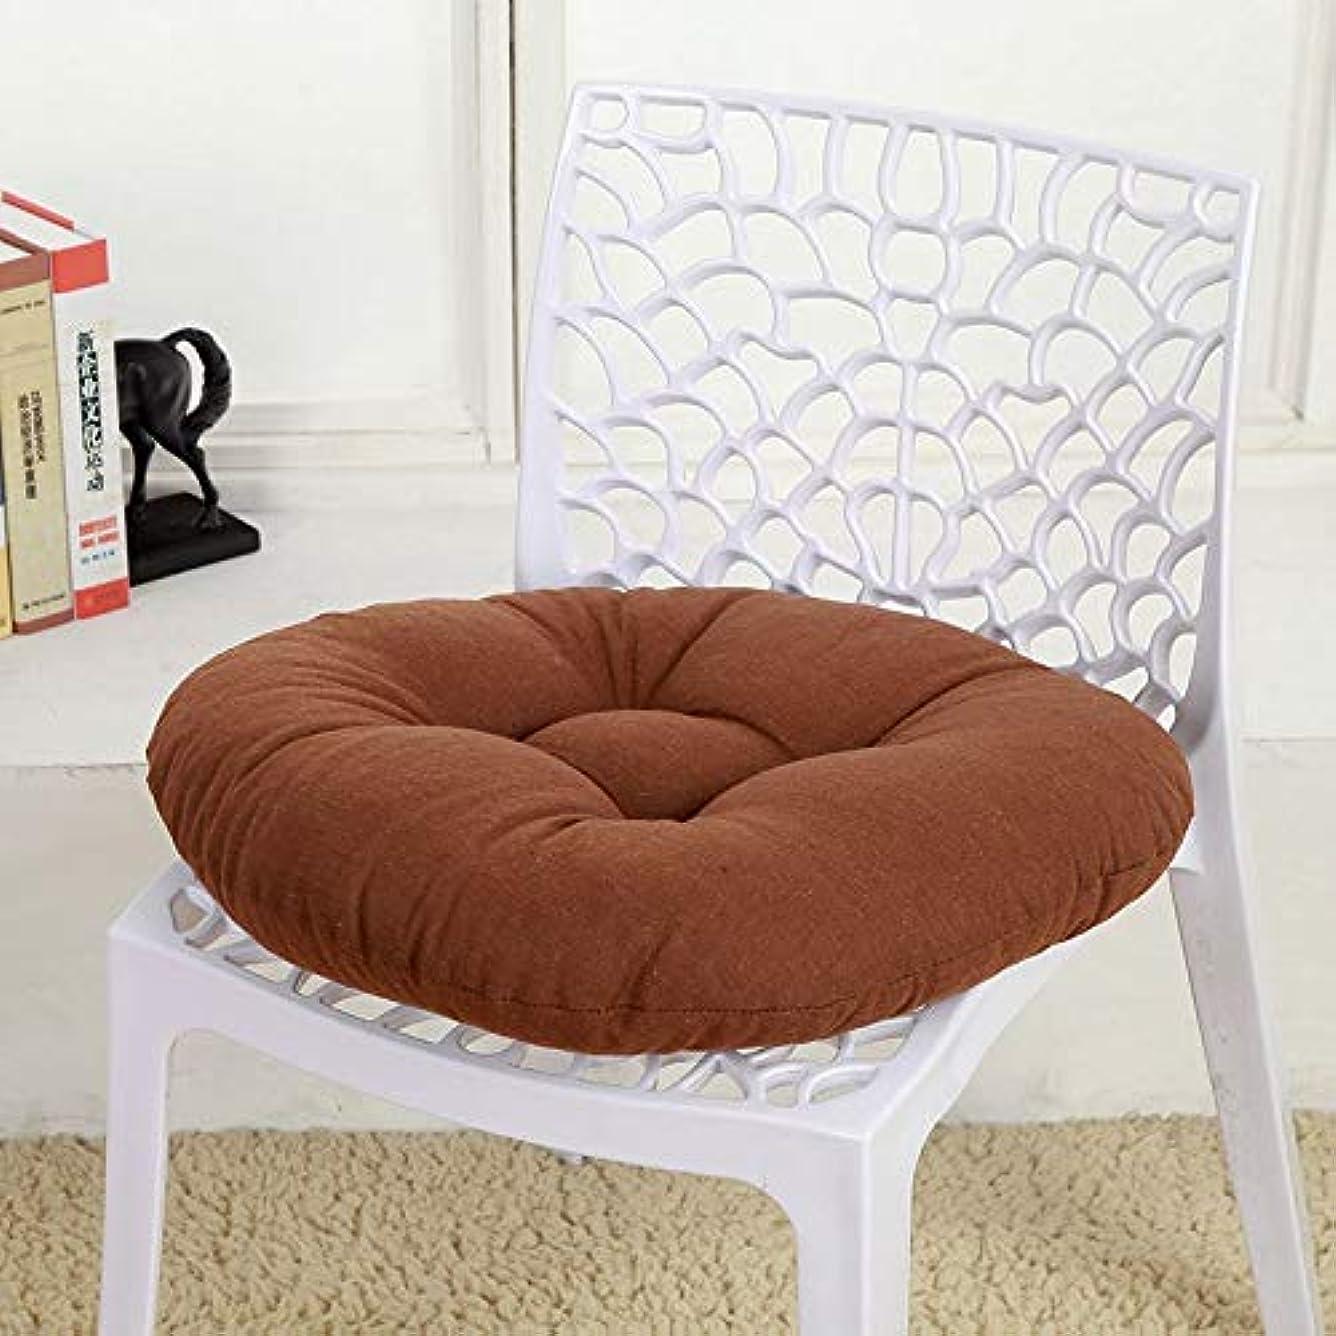 サイクロプスシンボルいうLIFE キャンディカラーのクッションラウンドシートクッション波ウィンドウシートクッションクッション家の装飾パッドラウンド枕シート枕椅子座る枕 クッション 椅子